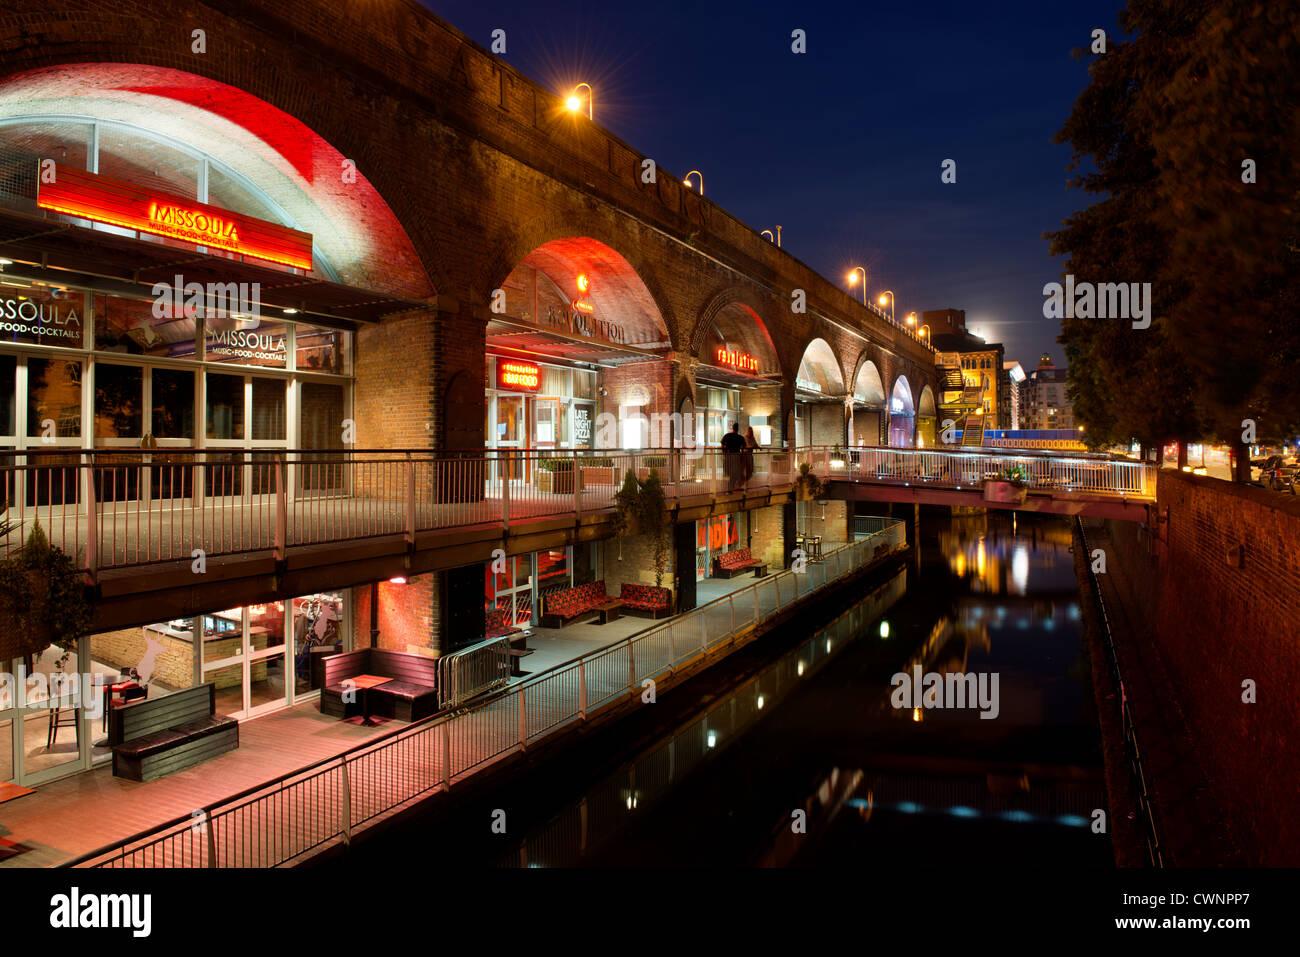 Das Nachtleben in den Bars und Restaurants von Deansgate Locks wölbt sich in der Nacht, Manchester. Stockbild